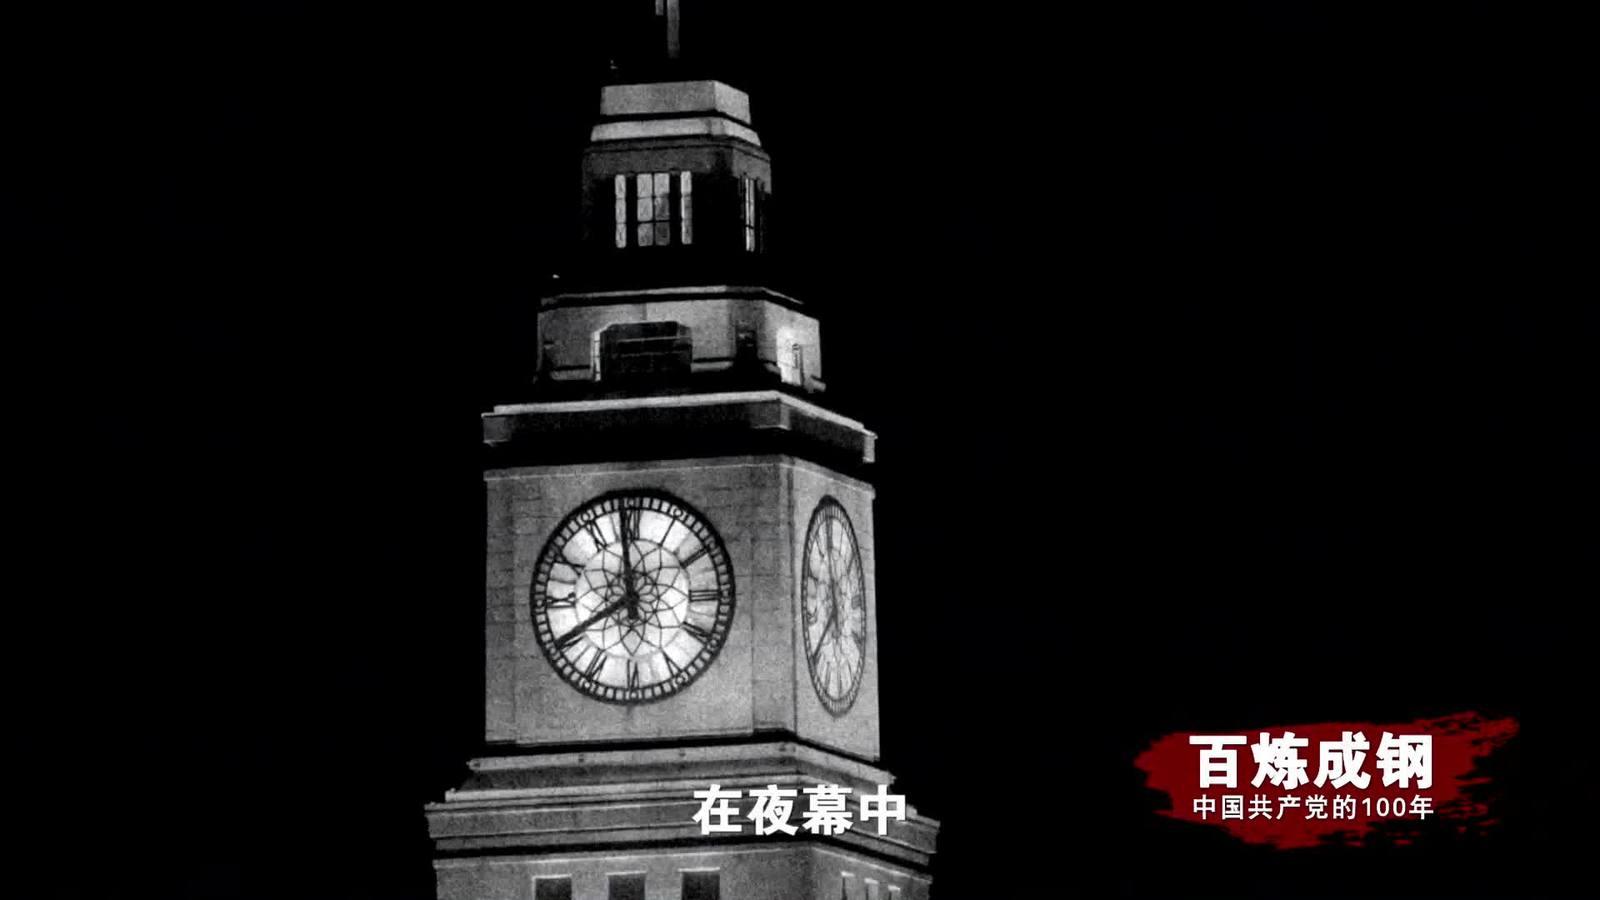 百煉成鋼|中國共產黨的100年 第五集:從石庫門到南湖